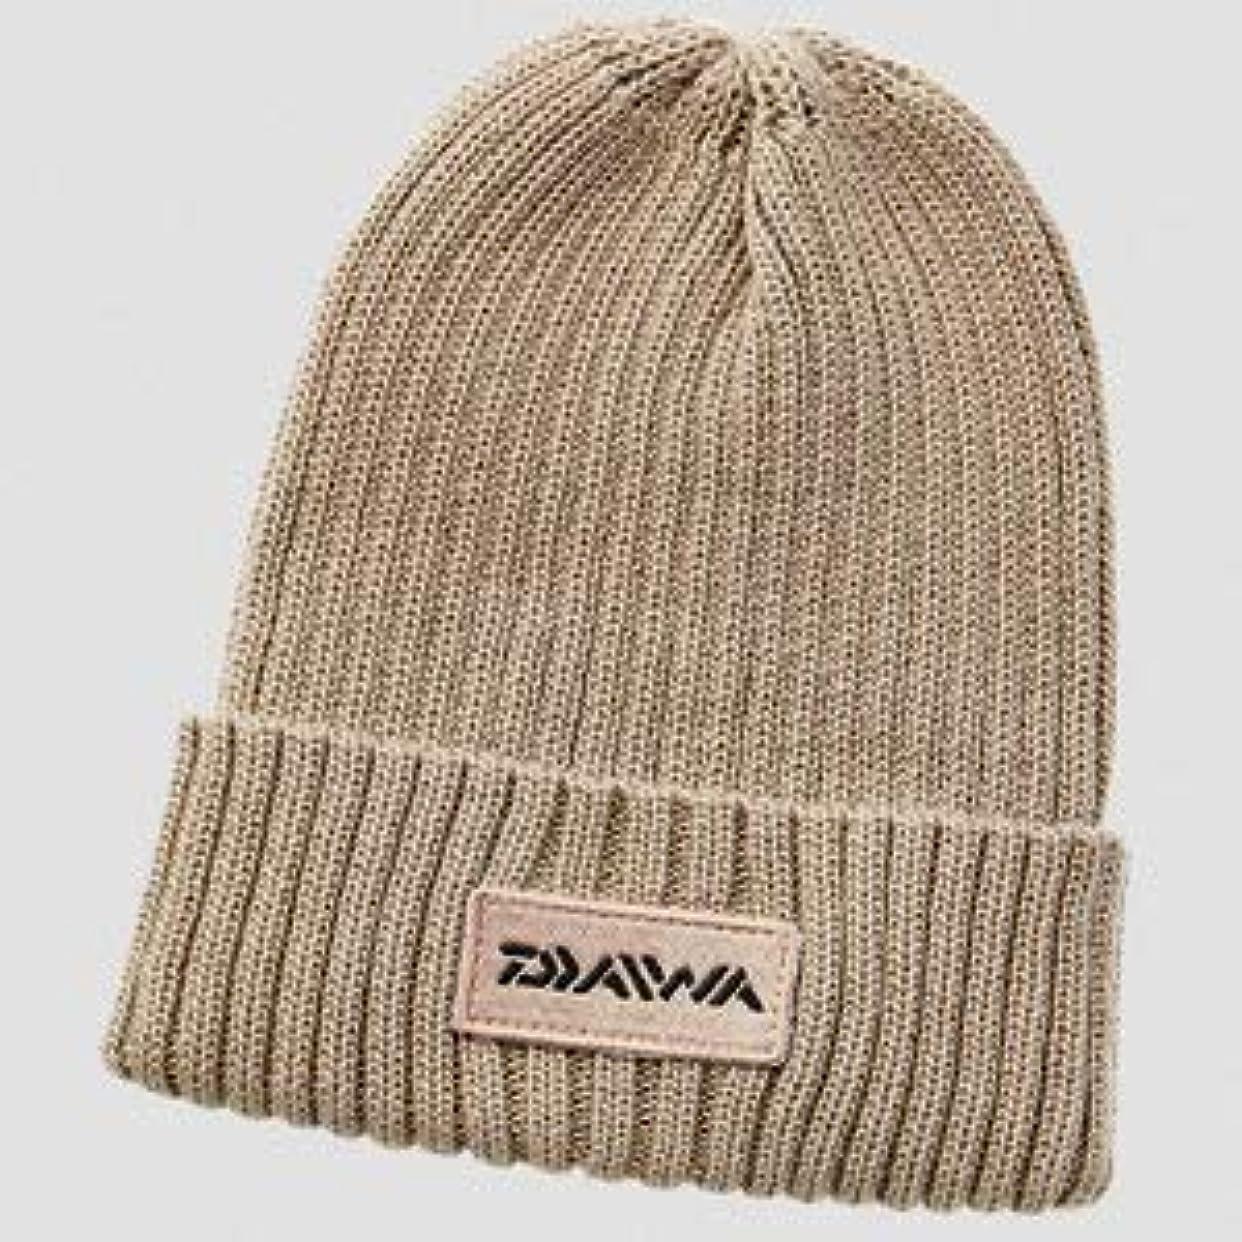 ダイワ(DAIWA) ニットキャップ DC-96008W